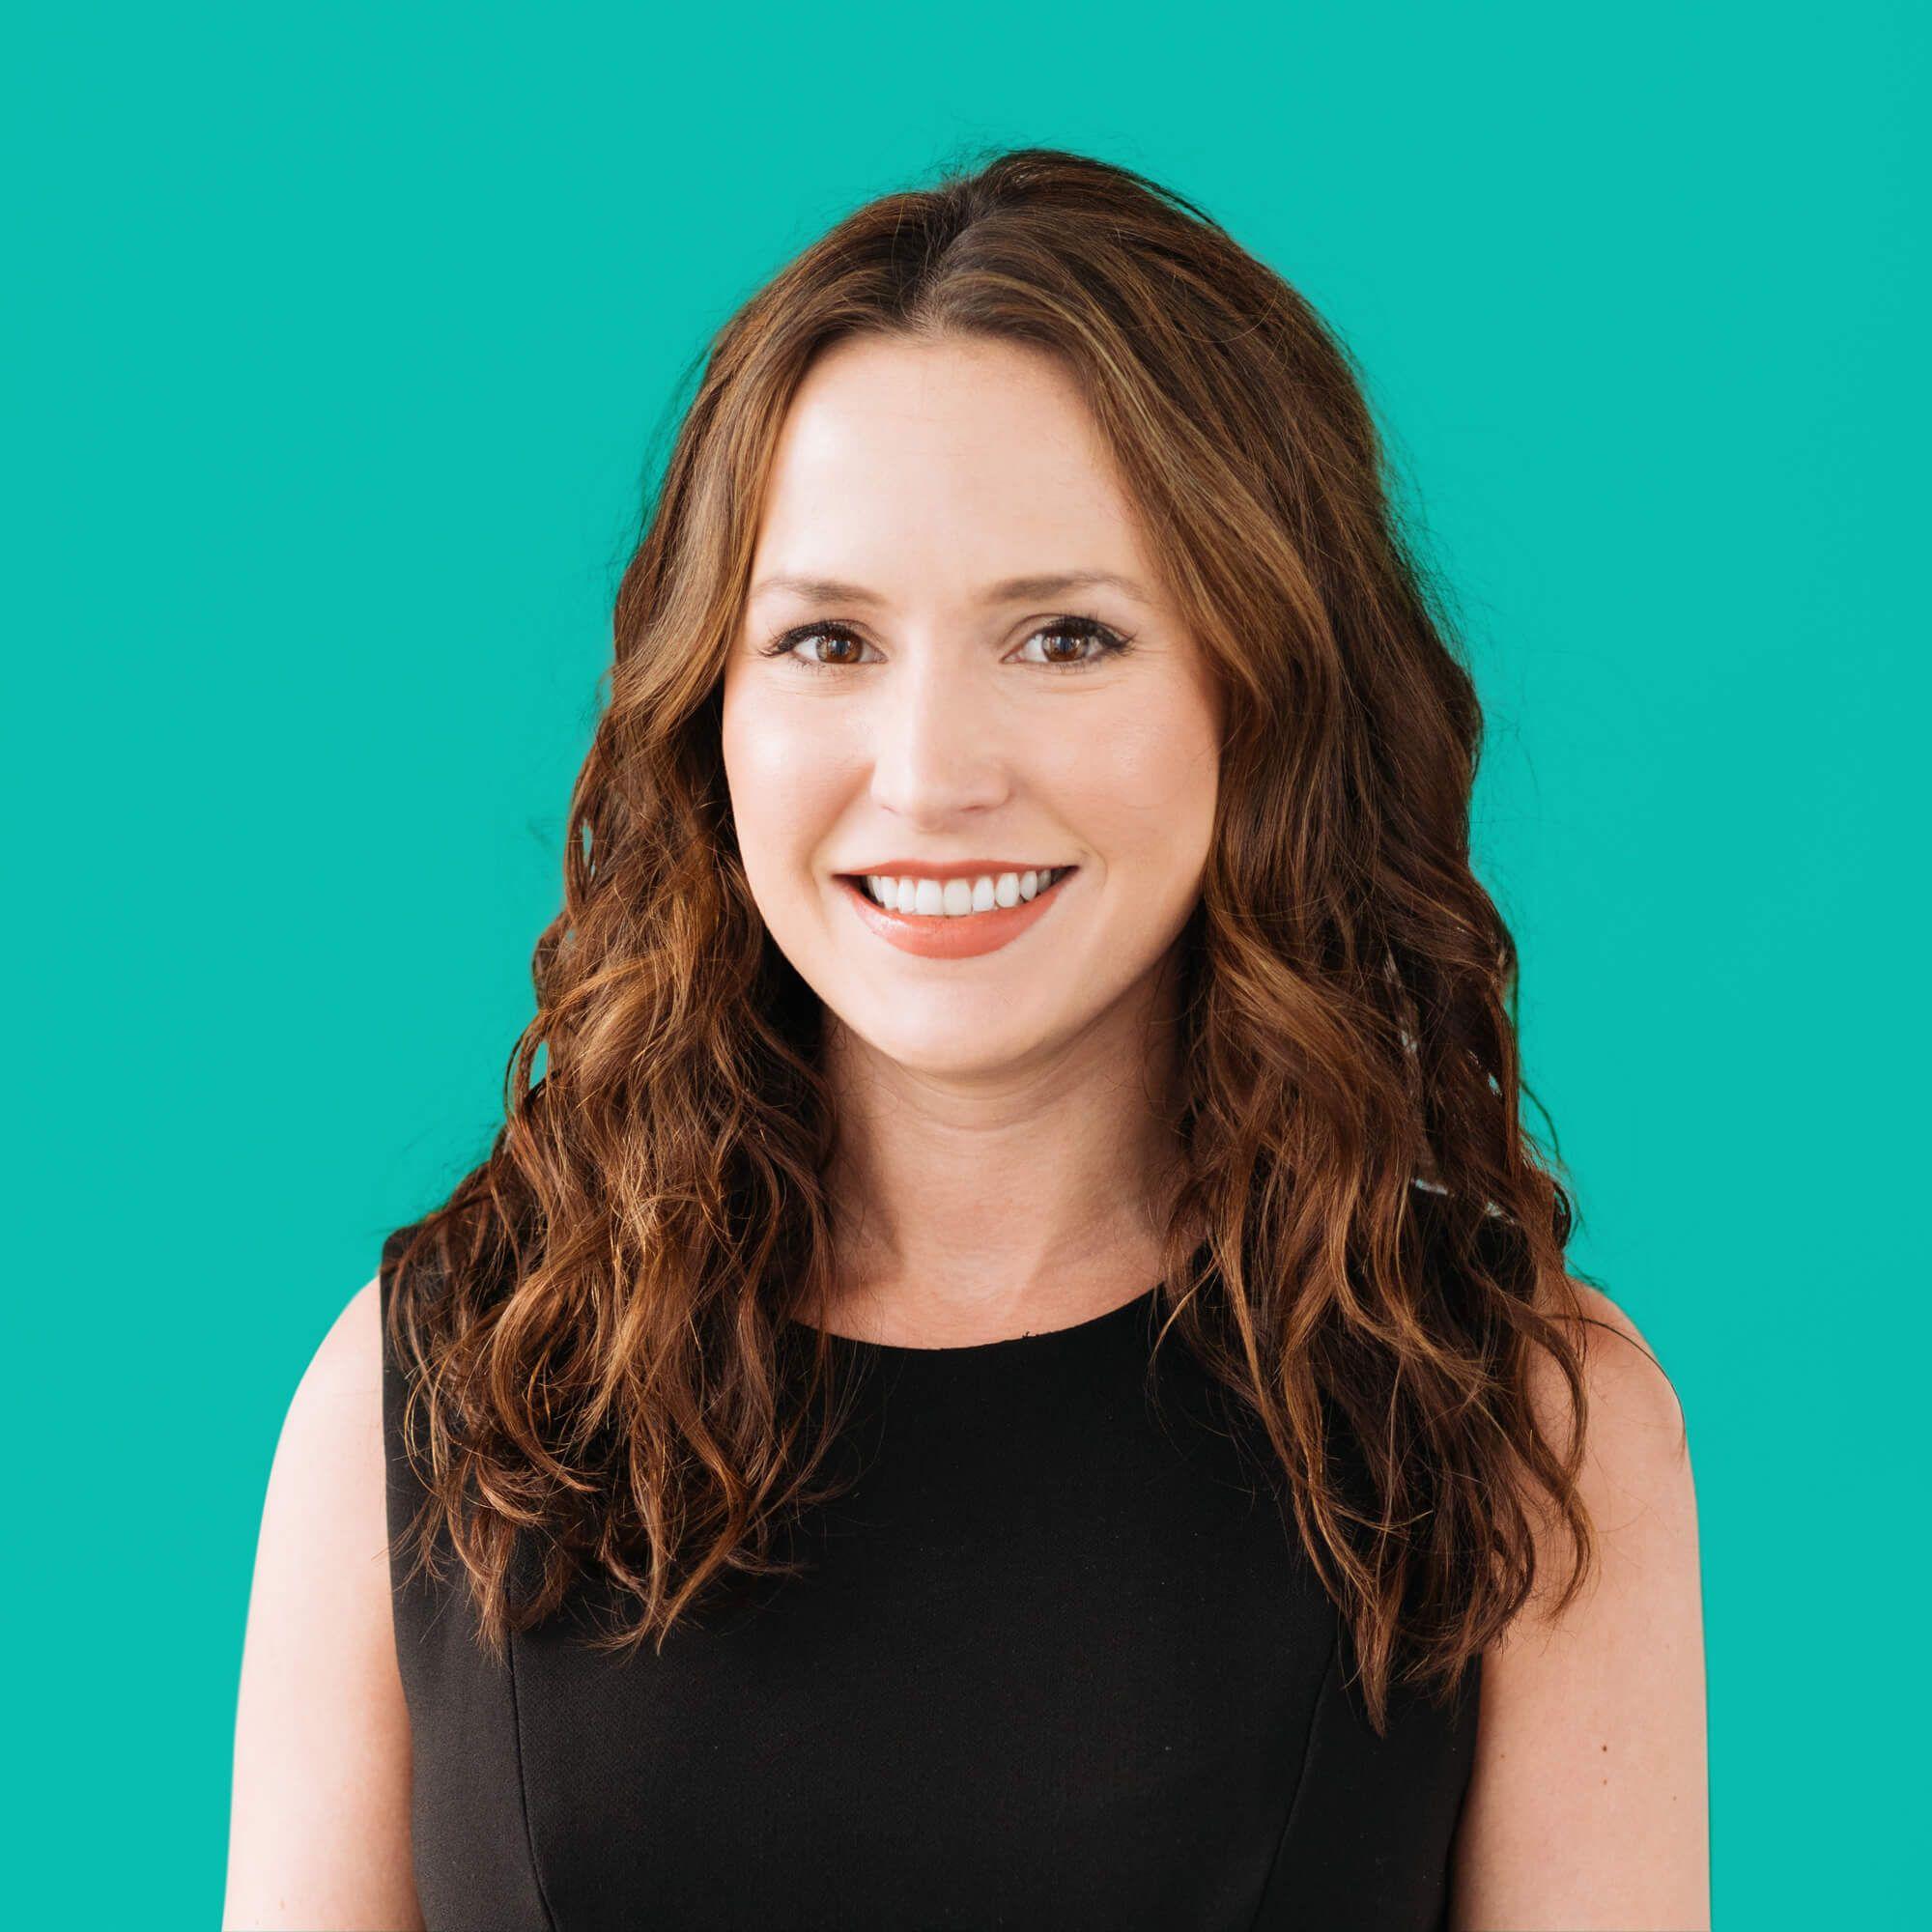 Madison Bates